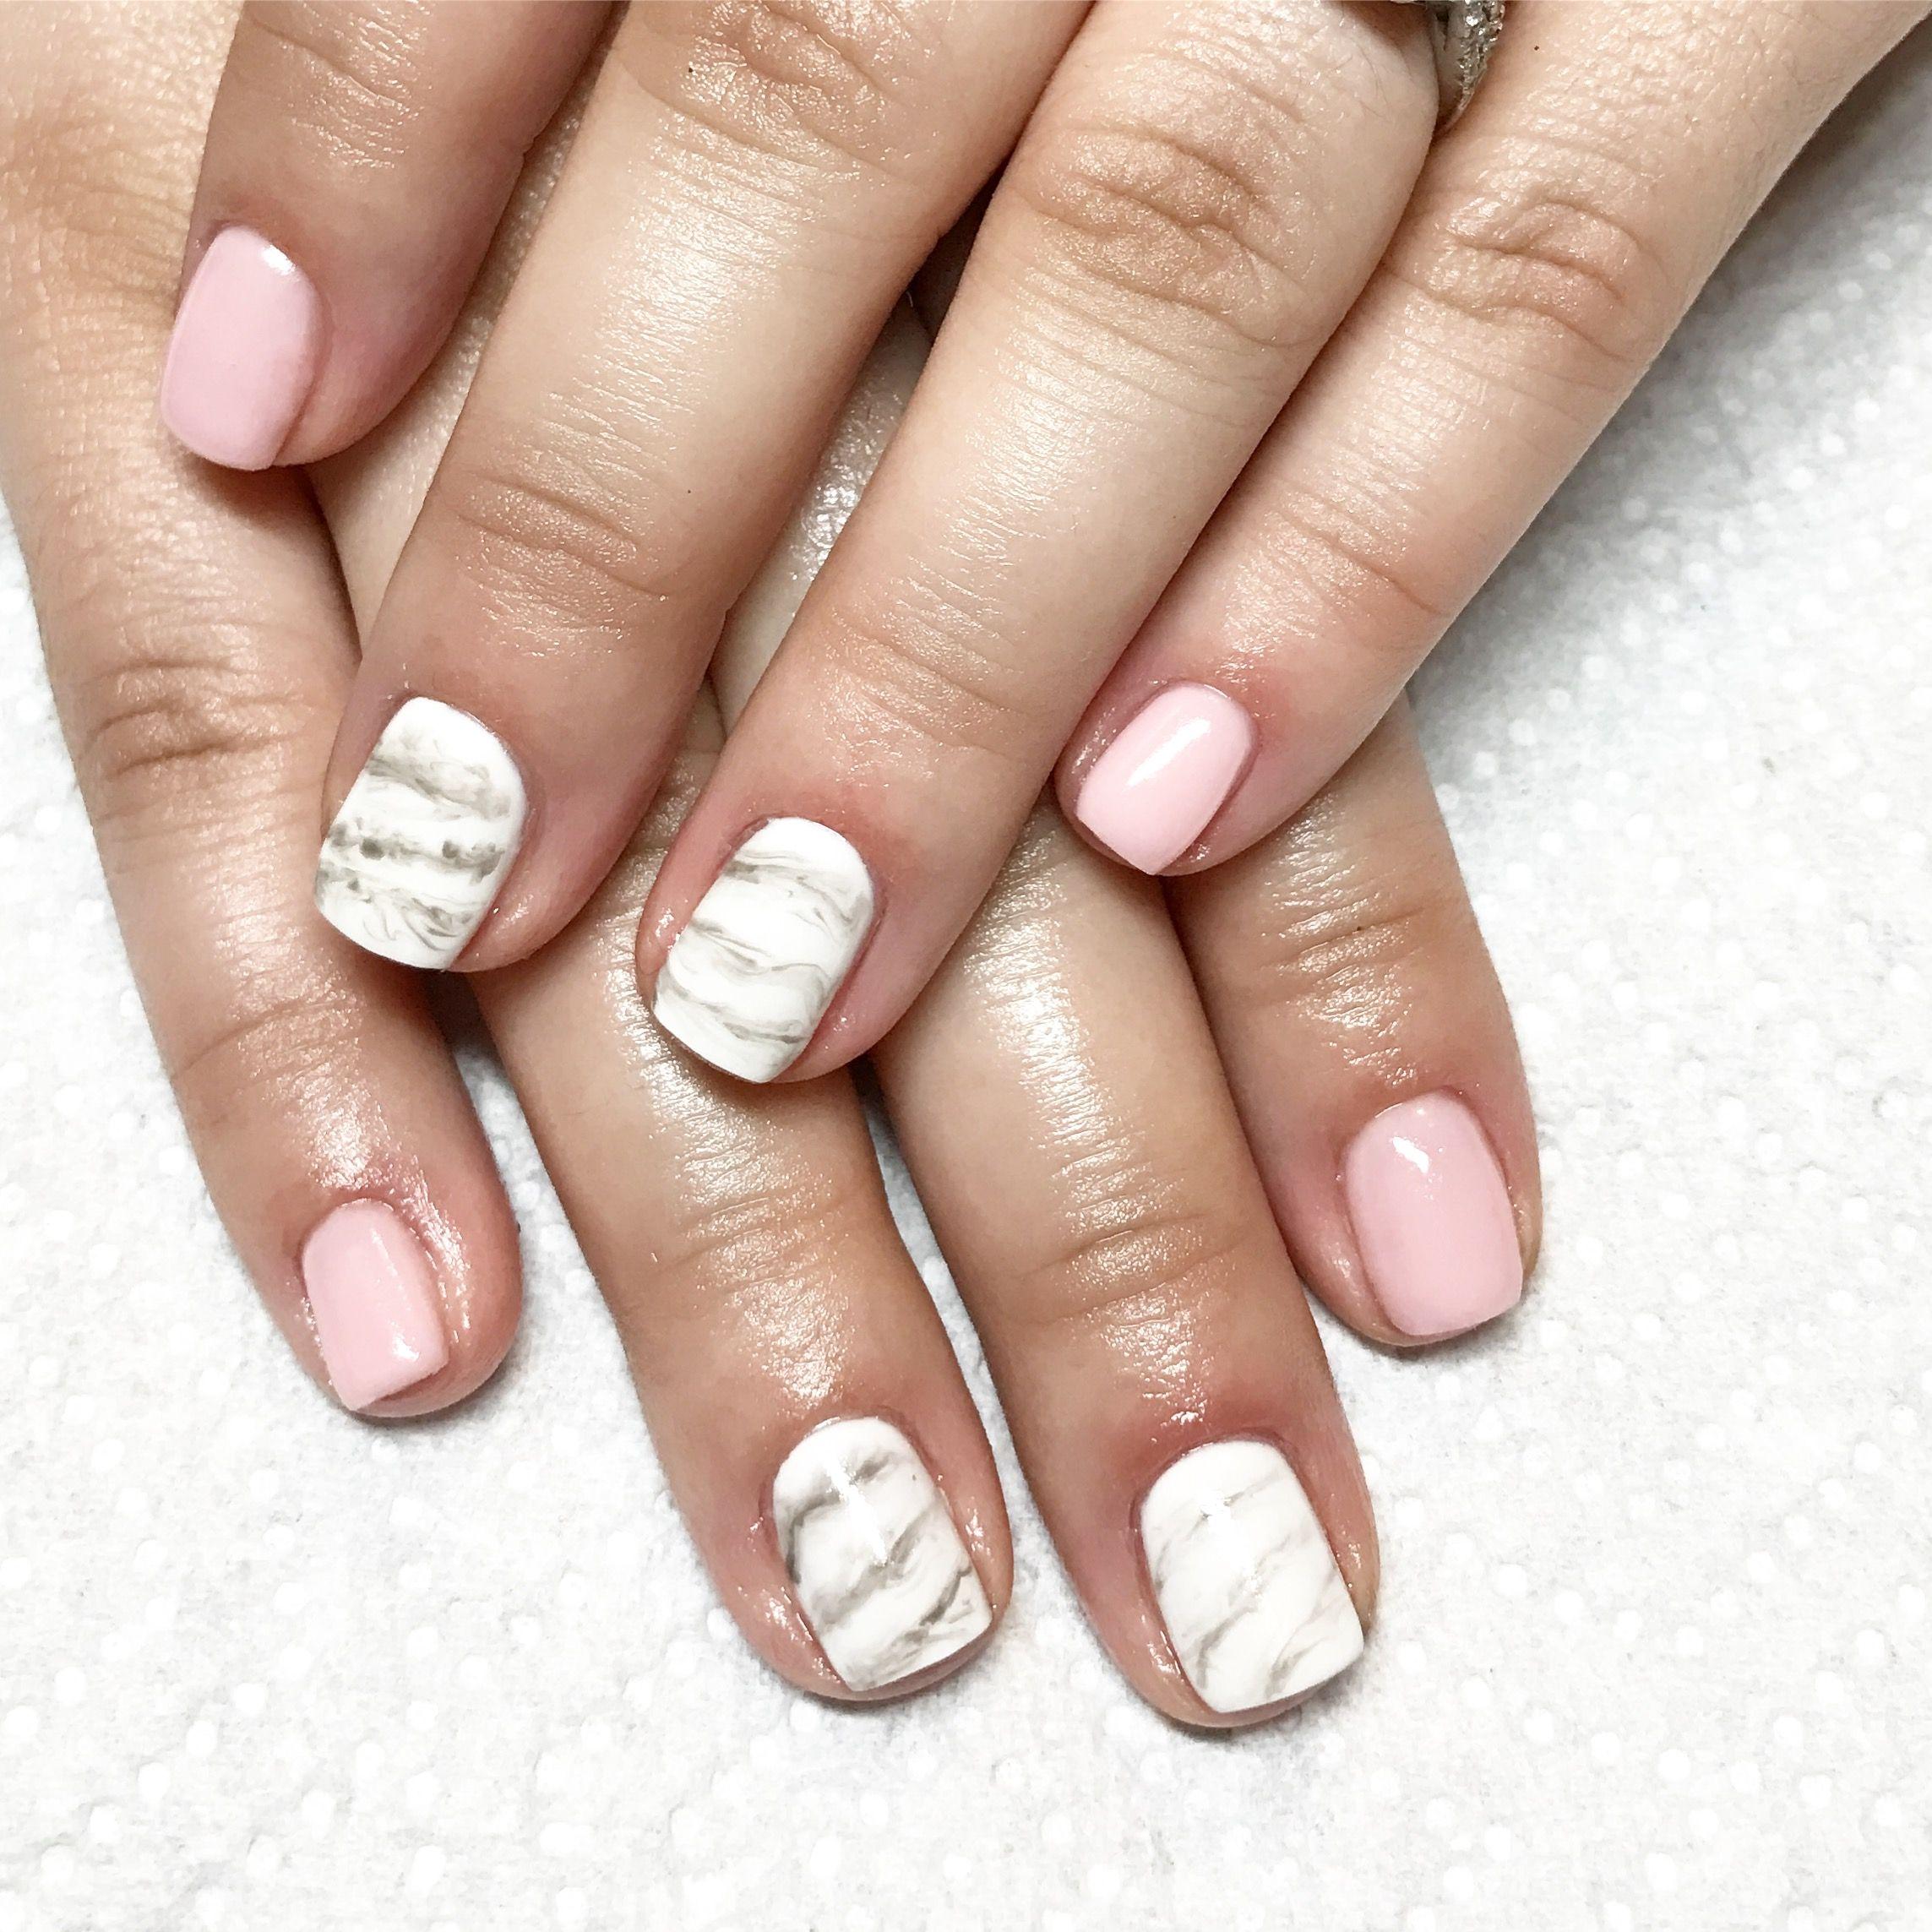 Marble nails. Pink nails. Light pink nails. Gel nails. Short nails ...